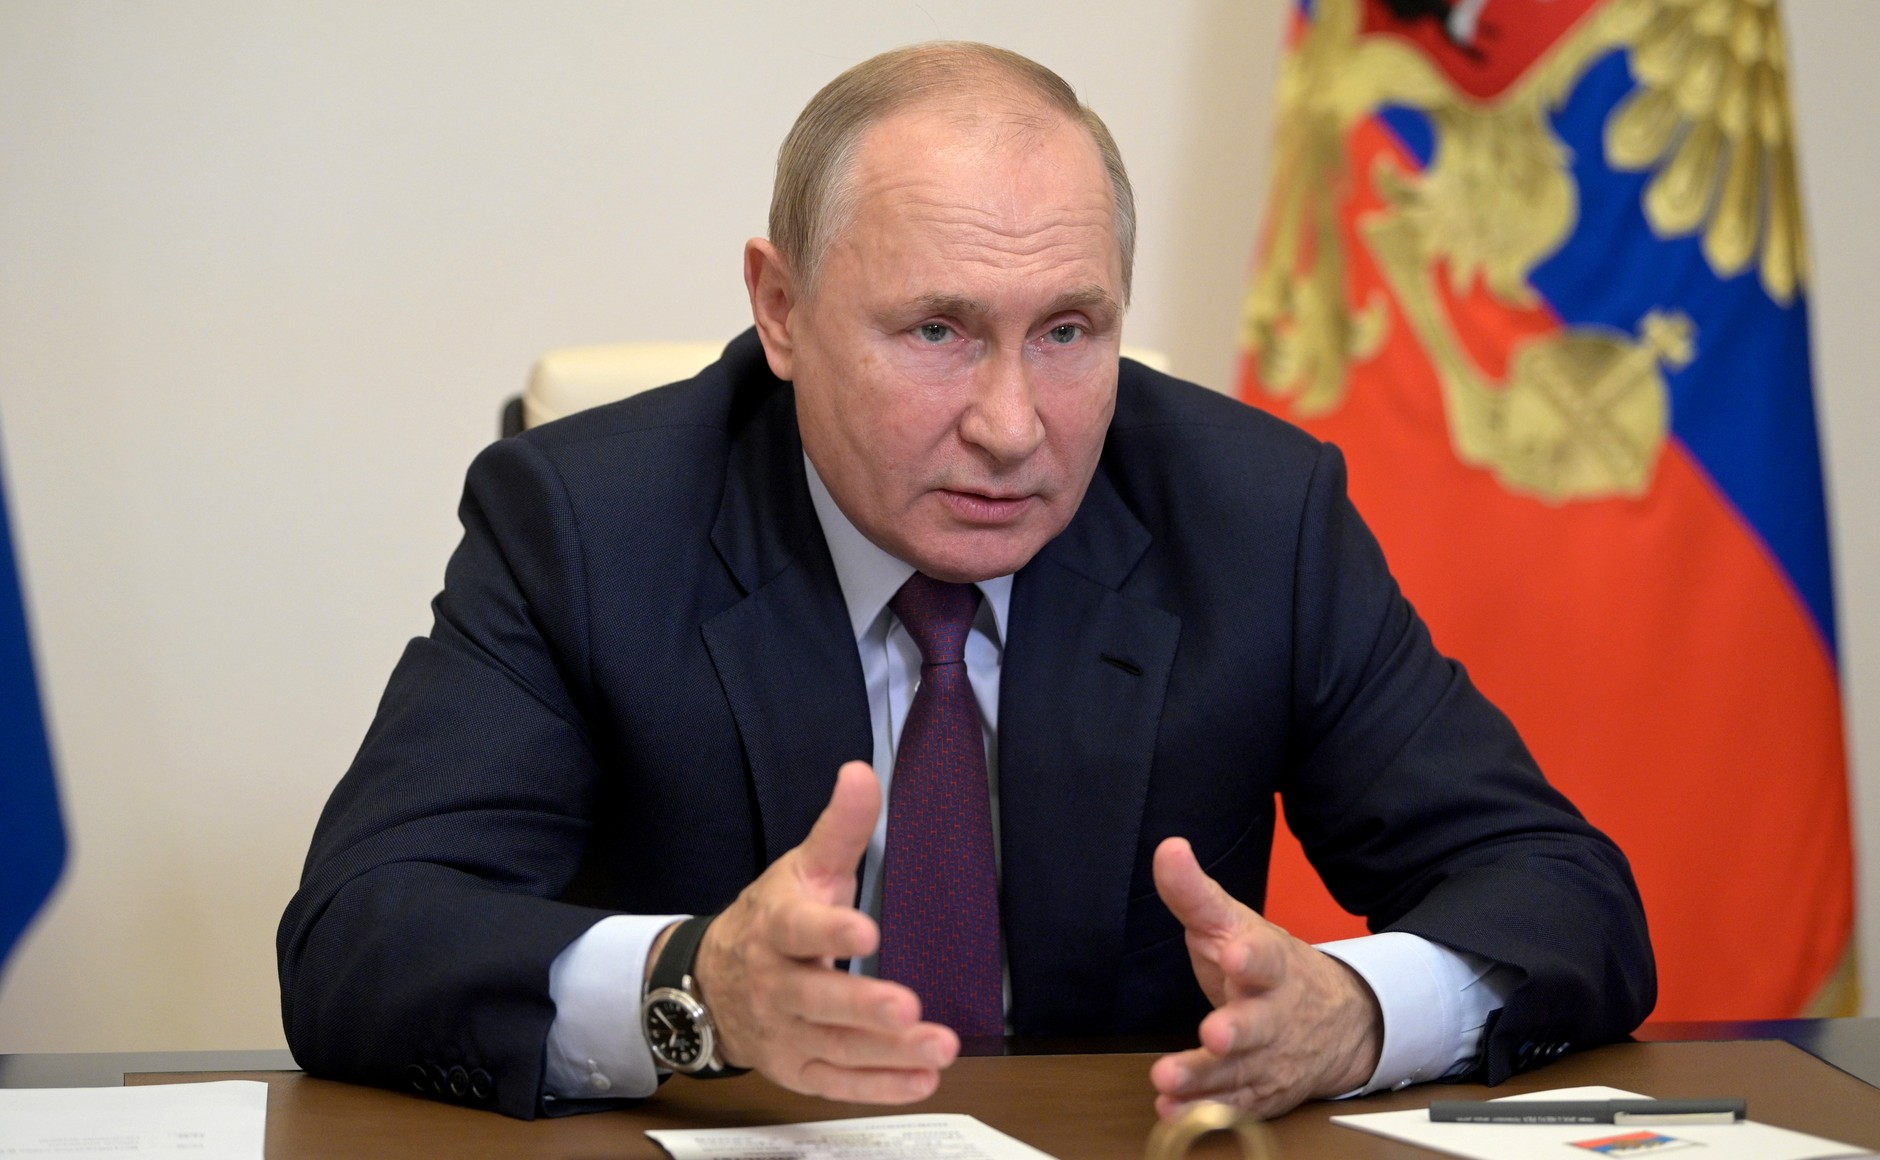 Встреча Владимира Путина с лидерами предвыборного списка «Единой России». Фото: kremlin.ru